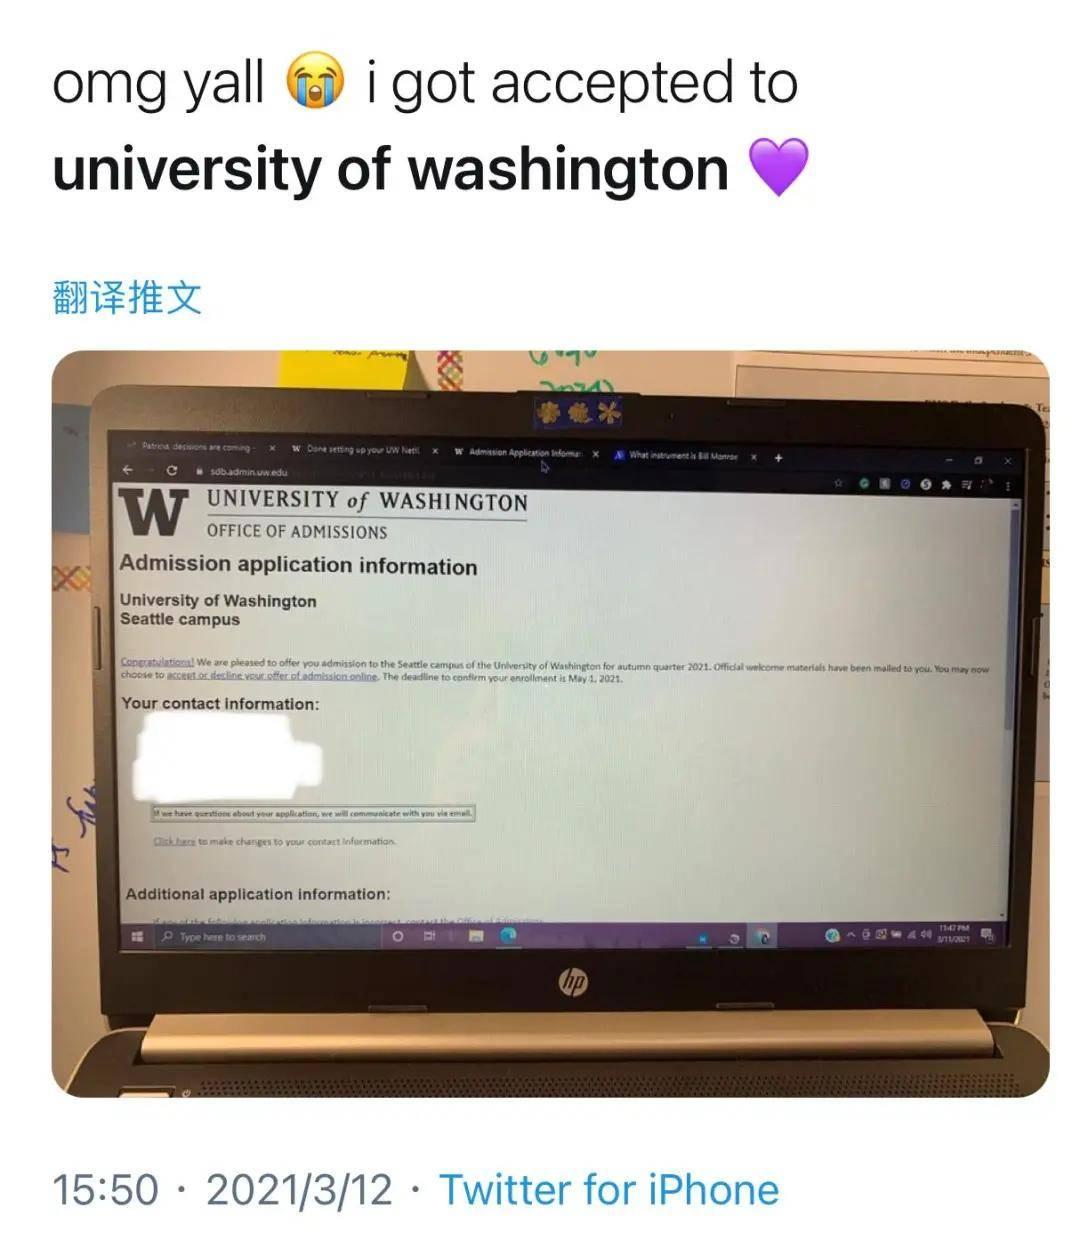 买学区房考国内名校or出国留学,华盛顿大学昨日放榜后家长群吵起来了